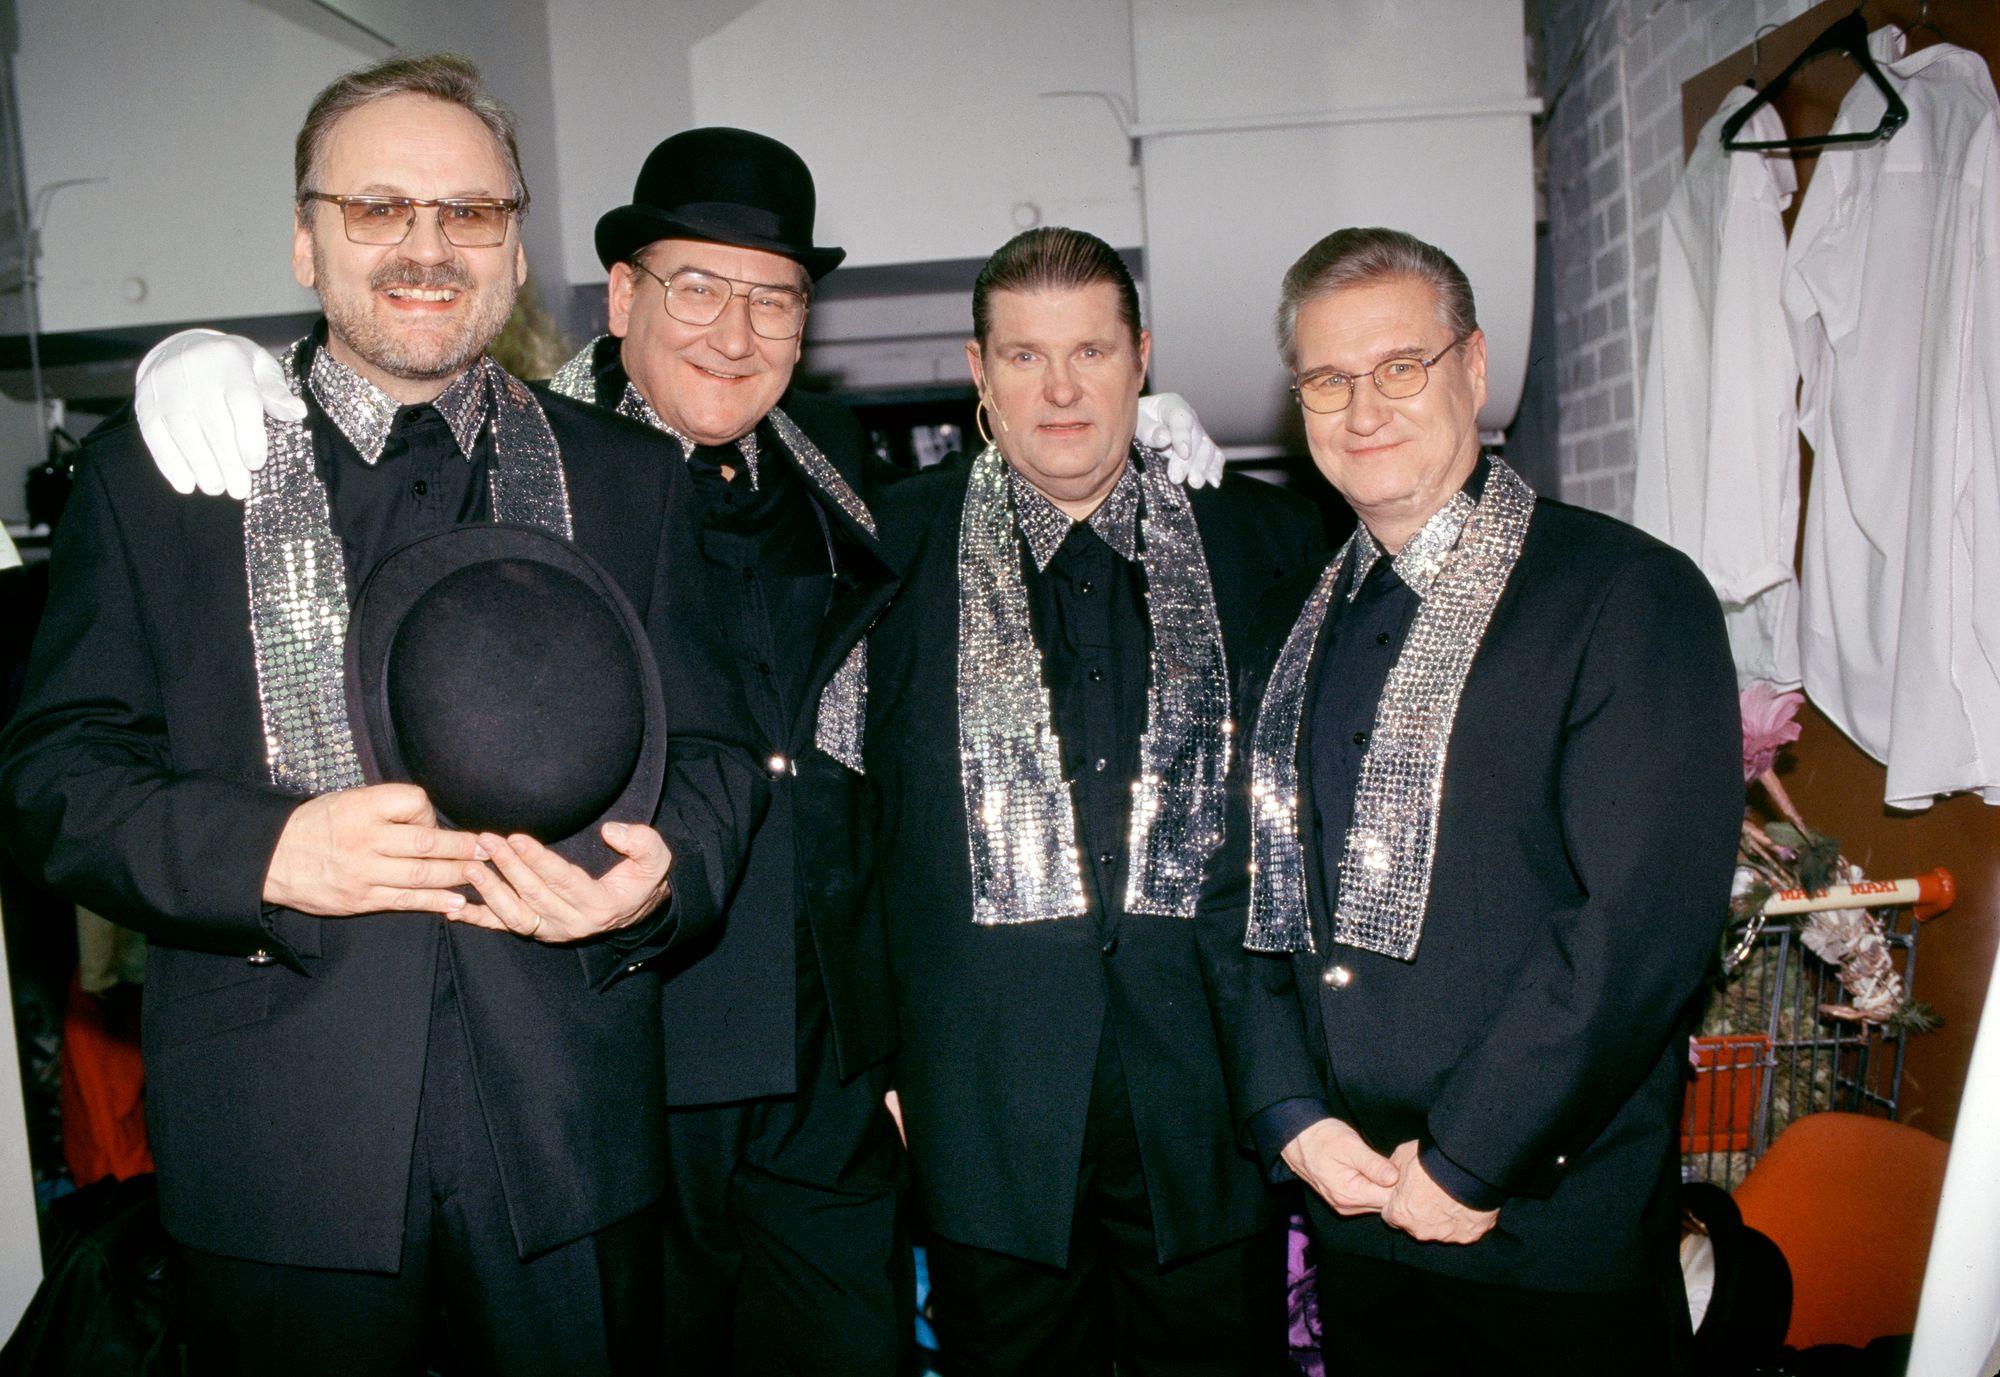 Kivikasvot kokoonpanossa Ilkka Hemming, Ismo Sajakorpi, Matti Siitonen ja Vesa Nuotio vuonna 1996. © Paula Kukkonen/Skoy